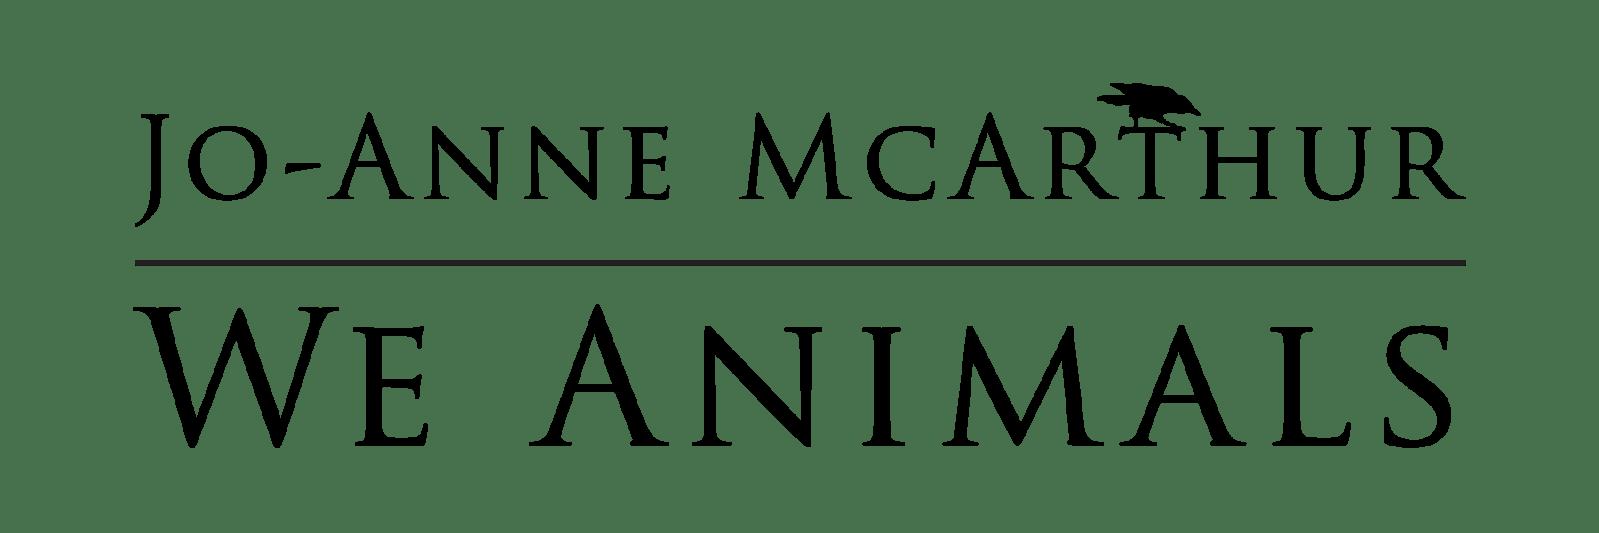 We Animals Jo-Anne McArthur